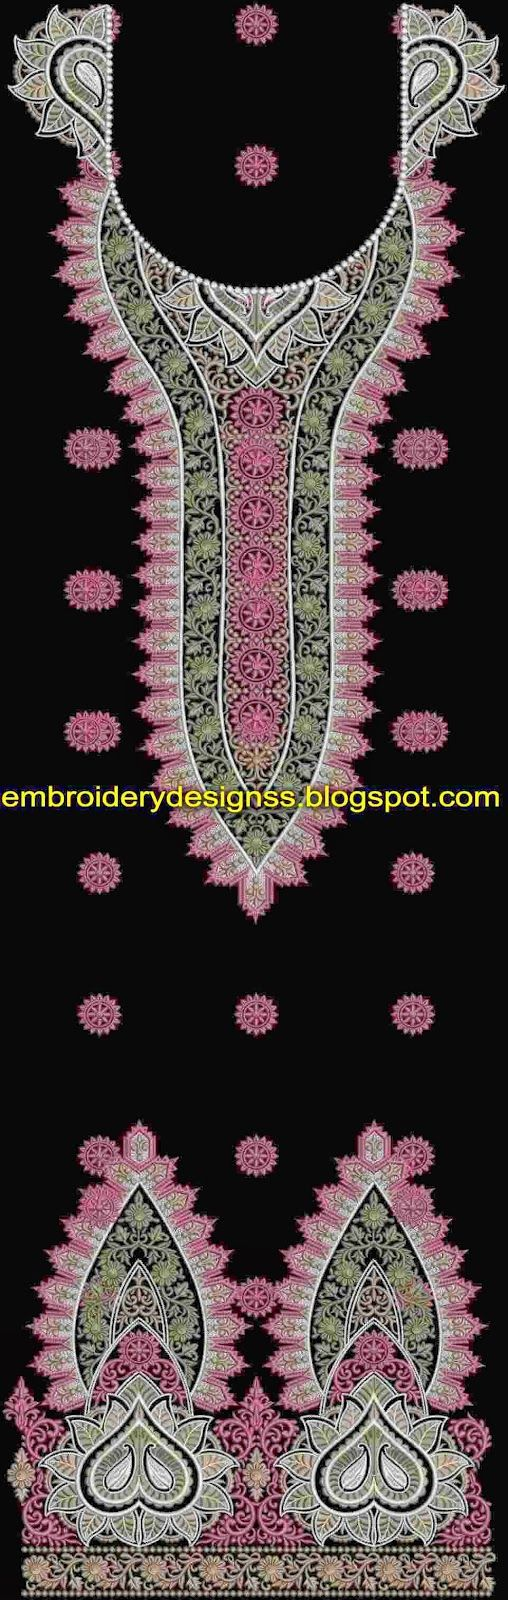 www.embroiderydesignss.blogspot.com